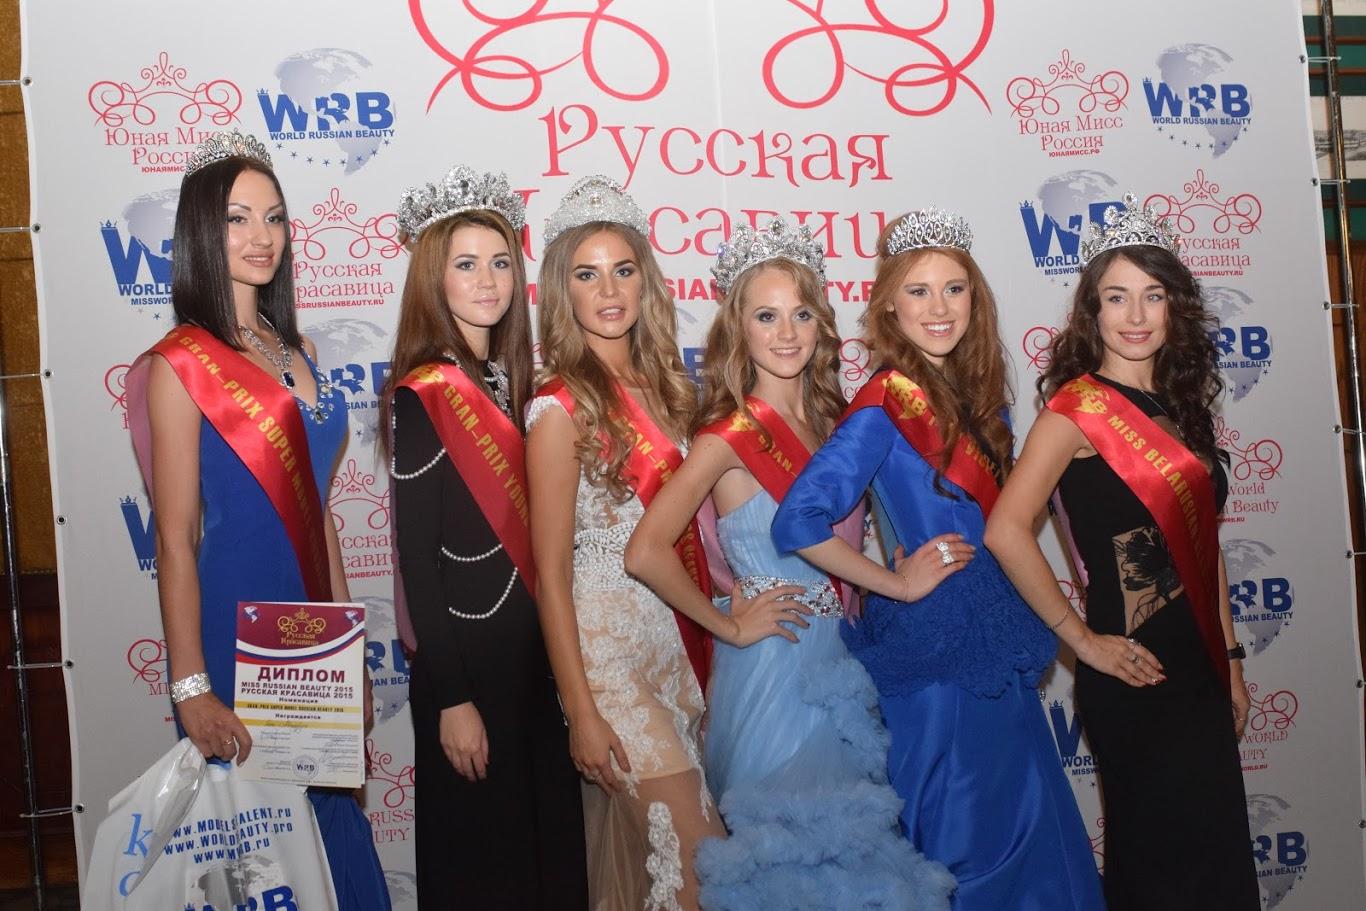 Конкурс красоты для девушек